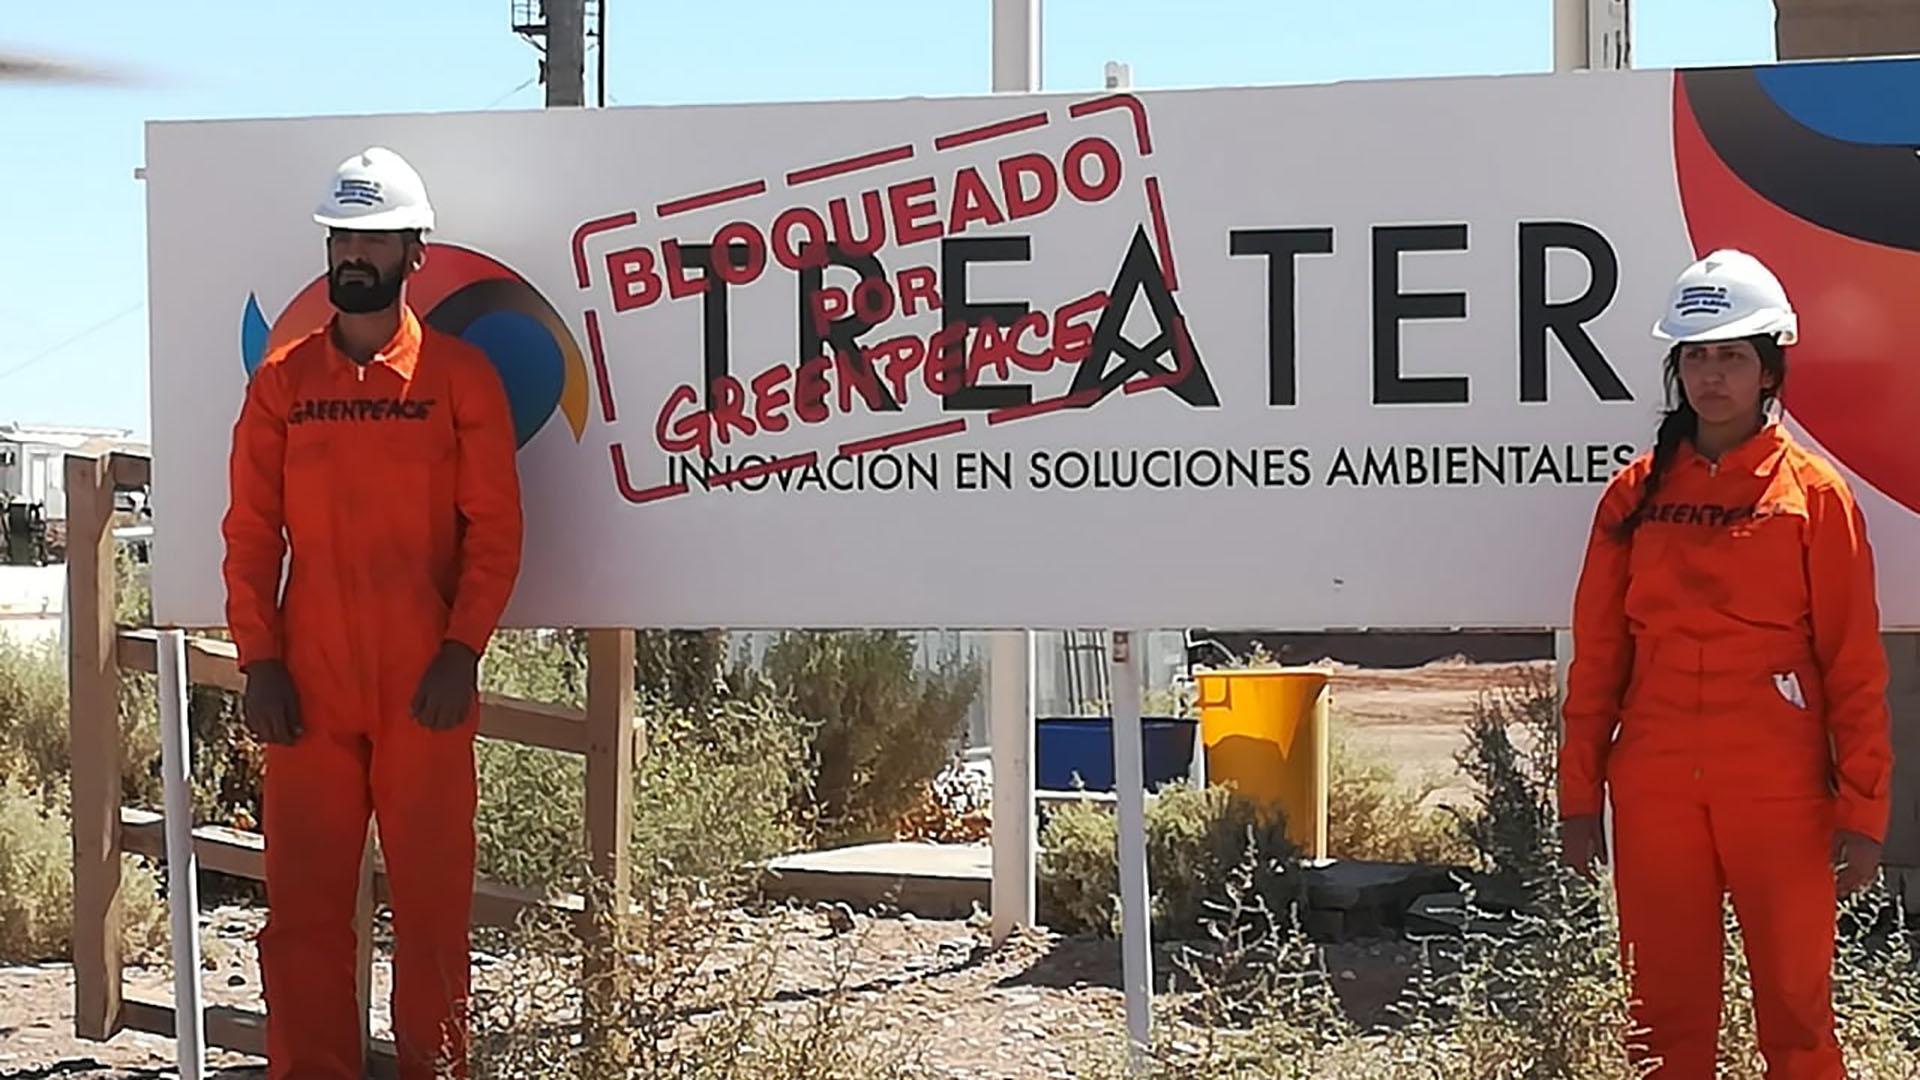 Después de 30 horas de acampe, se levantó la toma en las afueras de Añelo, Neuquén